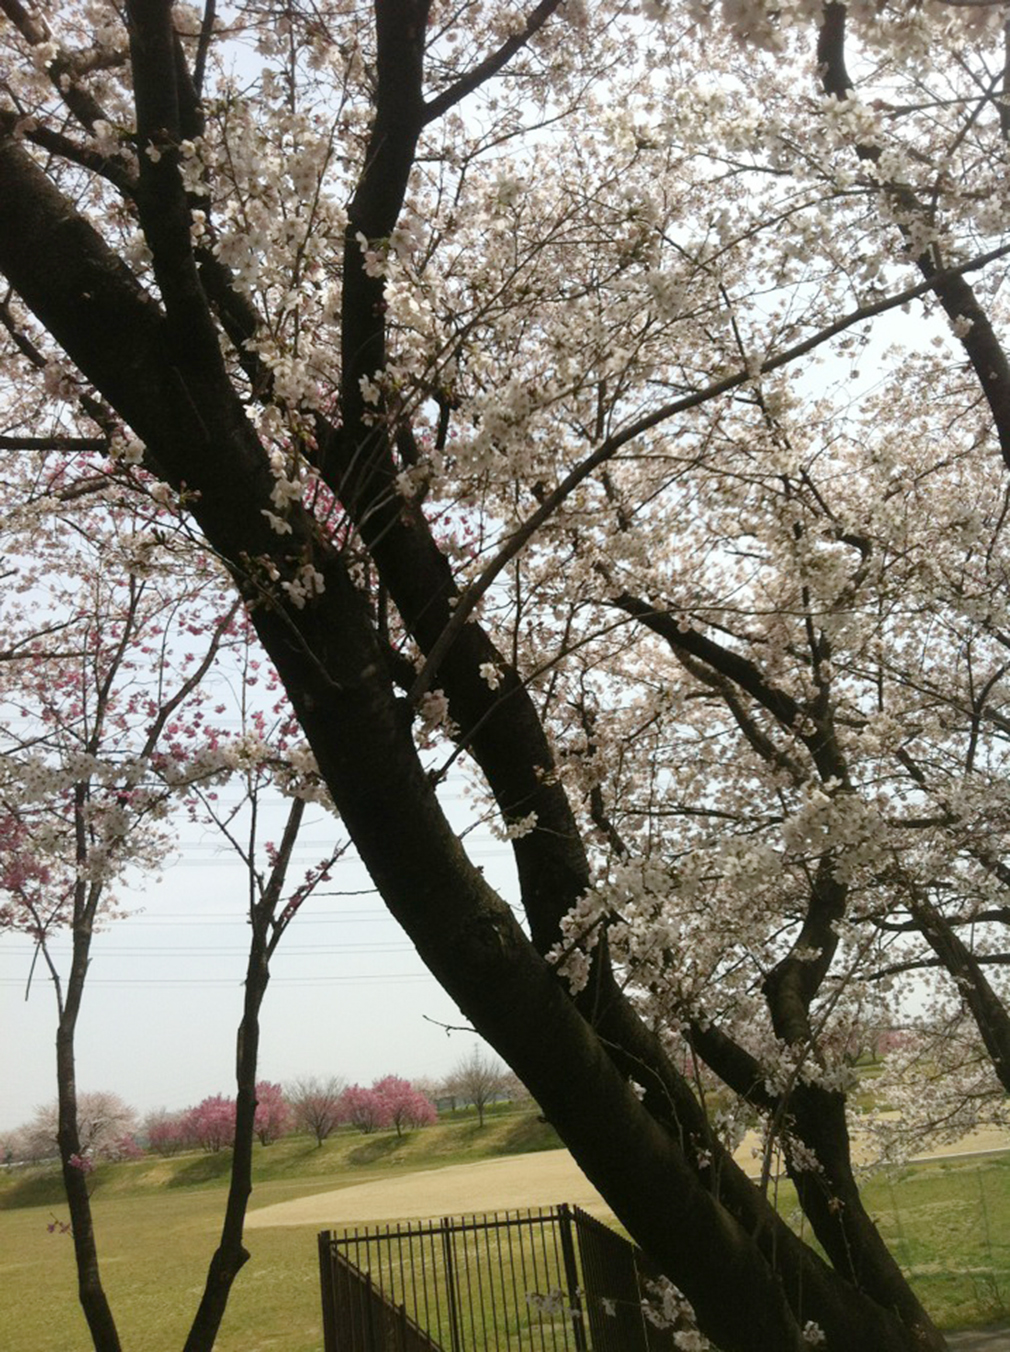 Cherry Blossom - Sakura, Blossom, Cherry, Flower, Sakura, HQ Photo